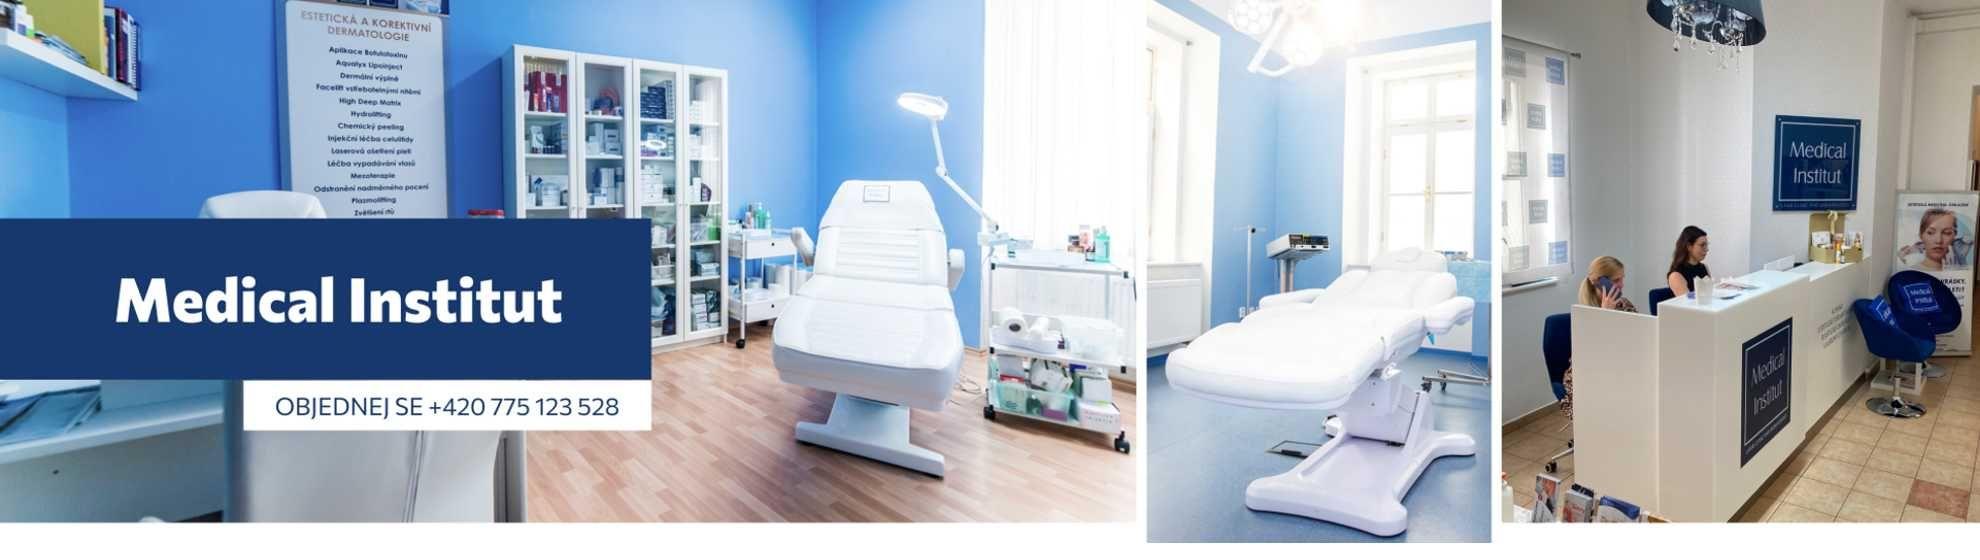 Medical Institut Care s.r.o.